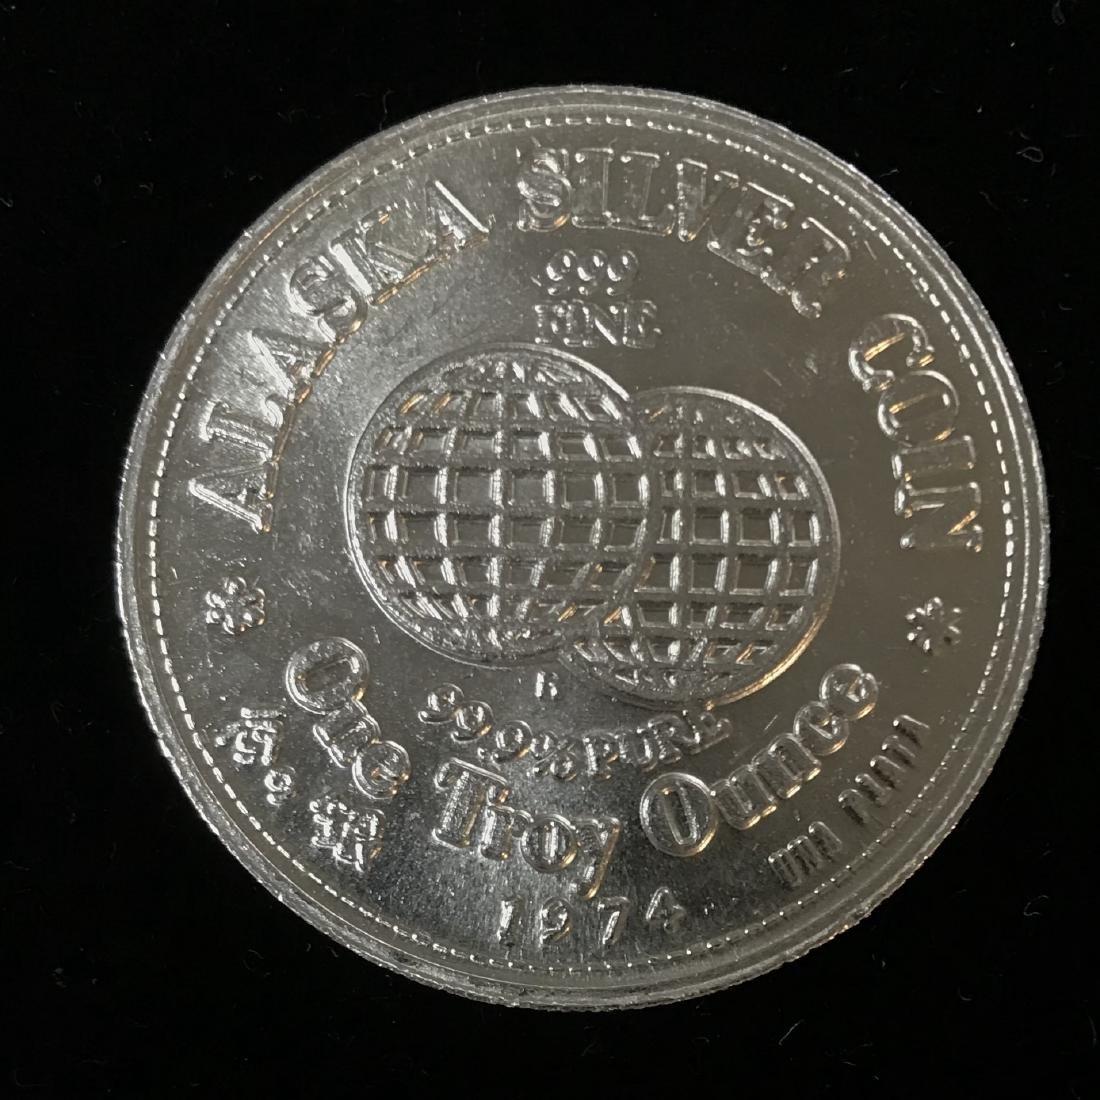 1974 Alaska Silver Coin 1 tr oz .999 Fine Silver 31.1